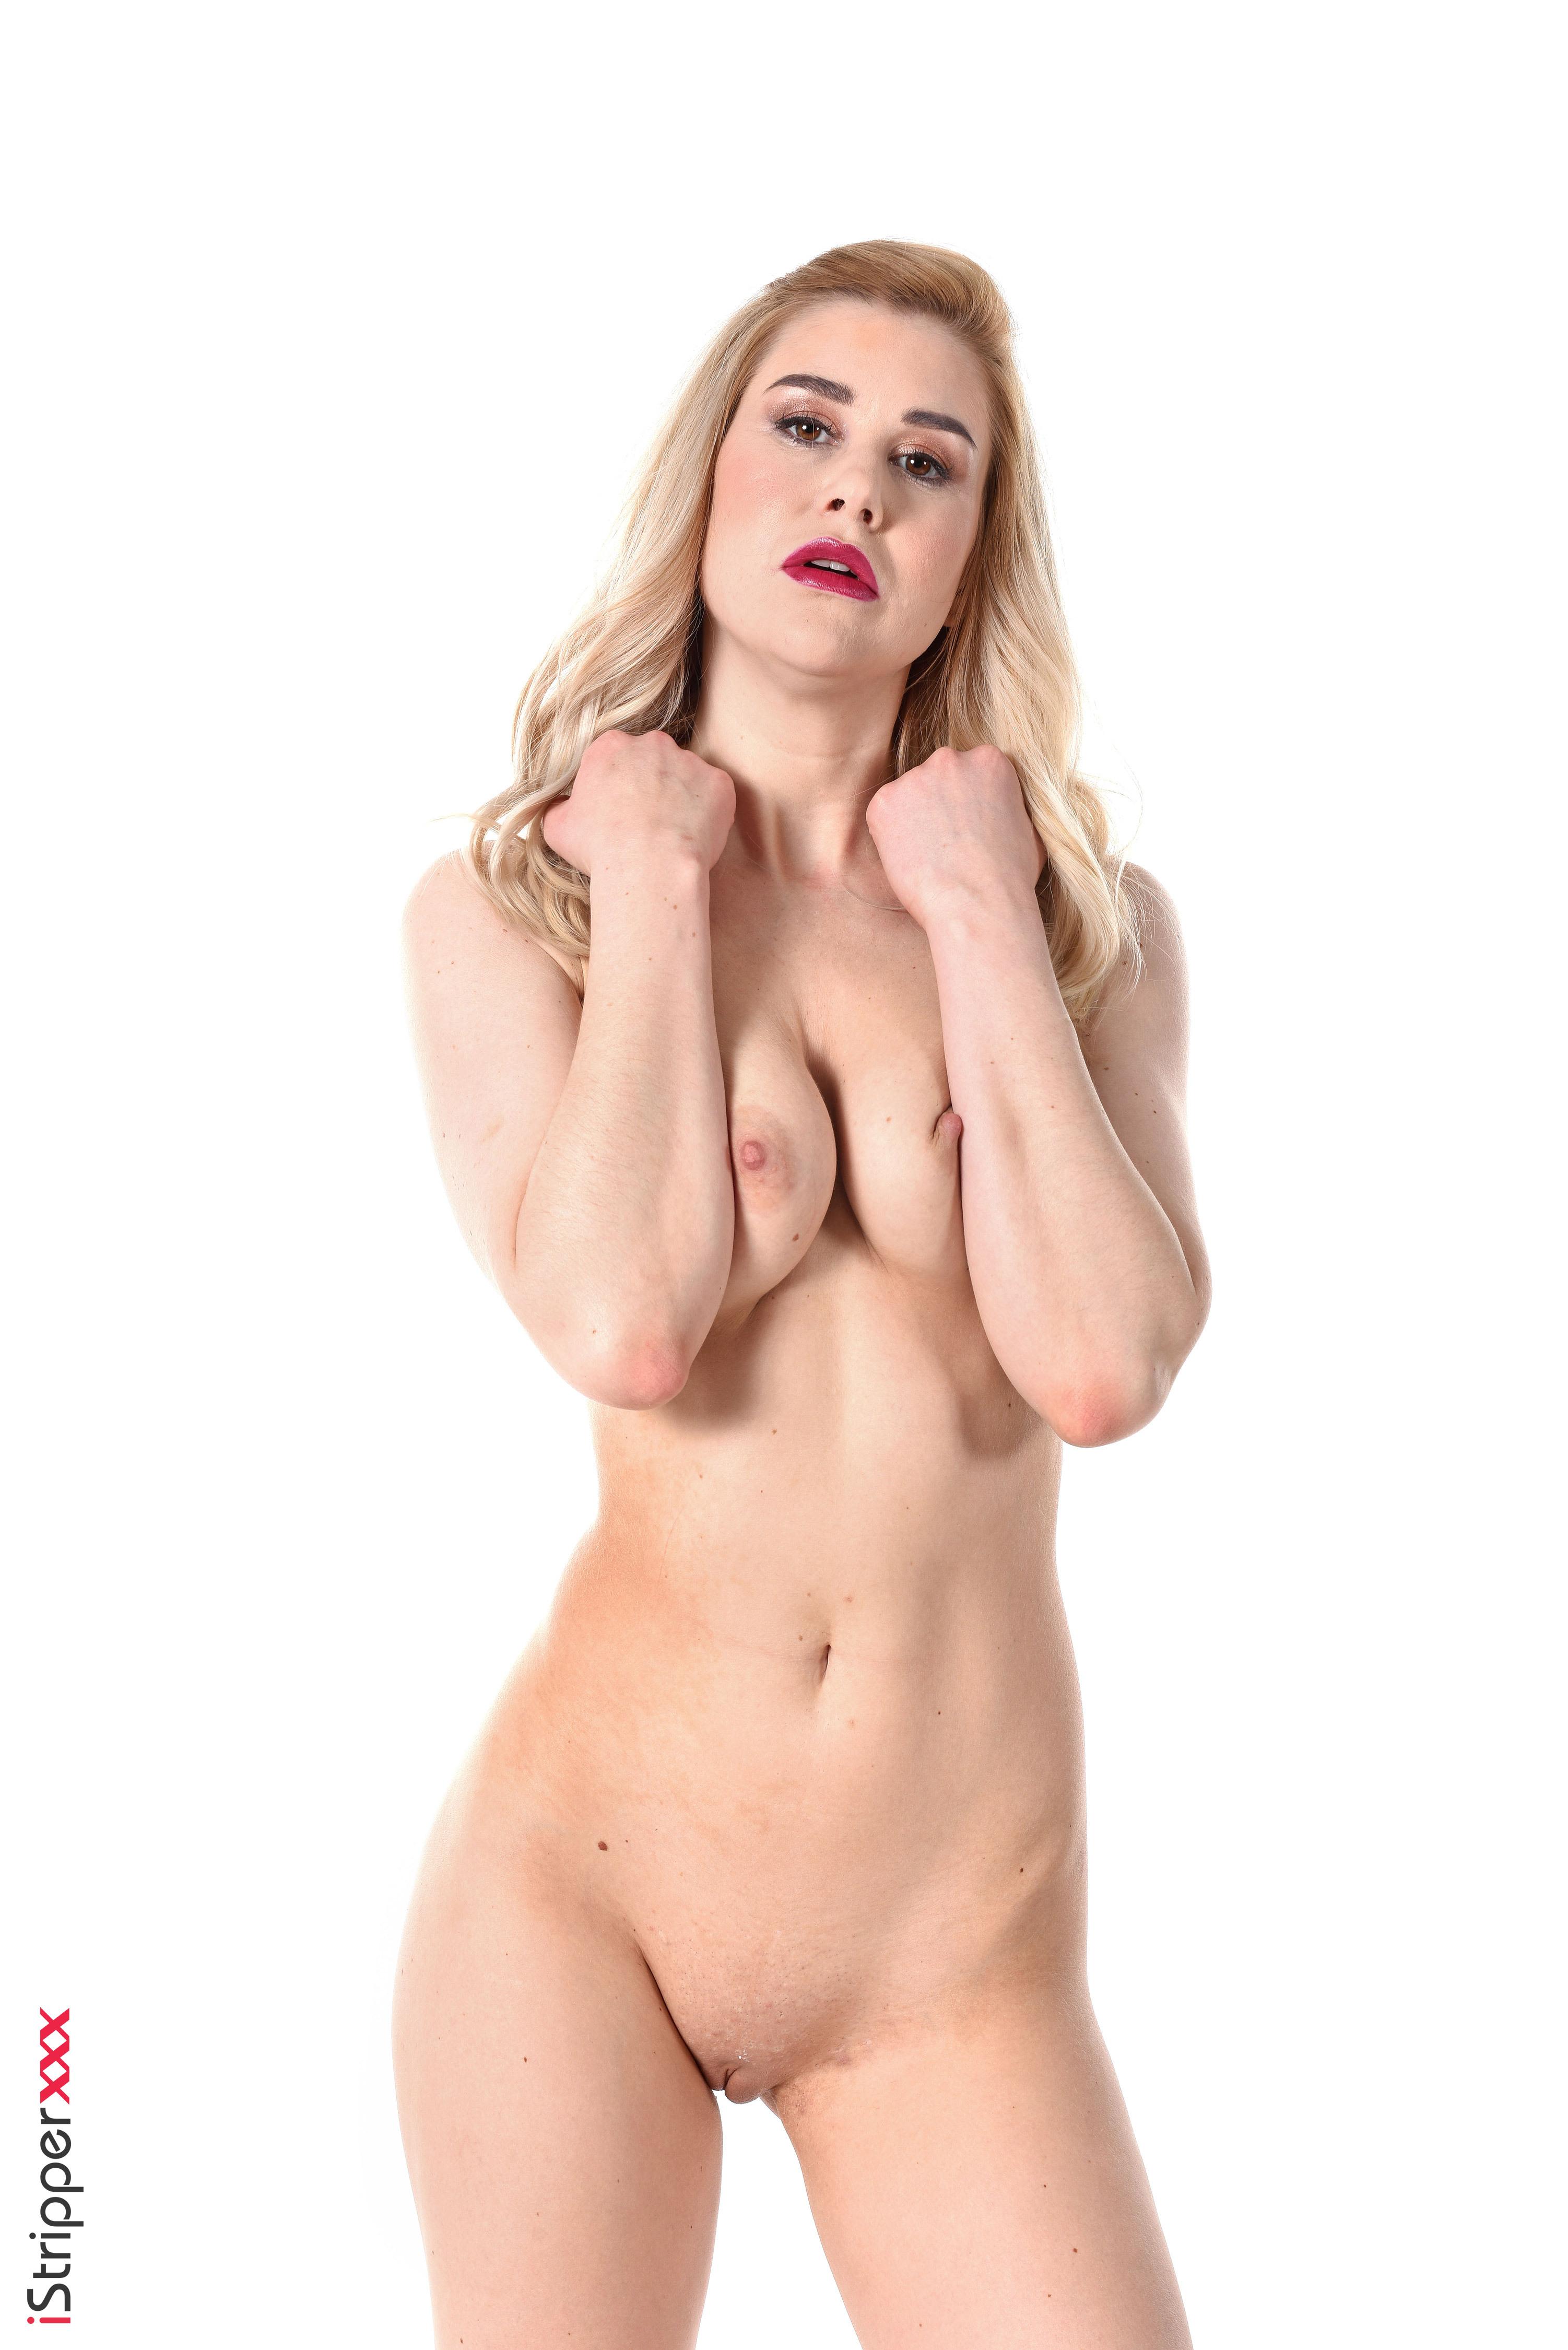 naked women screen savers